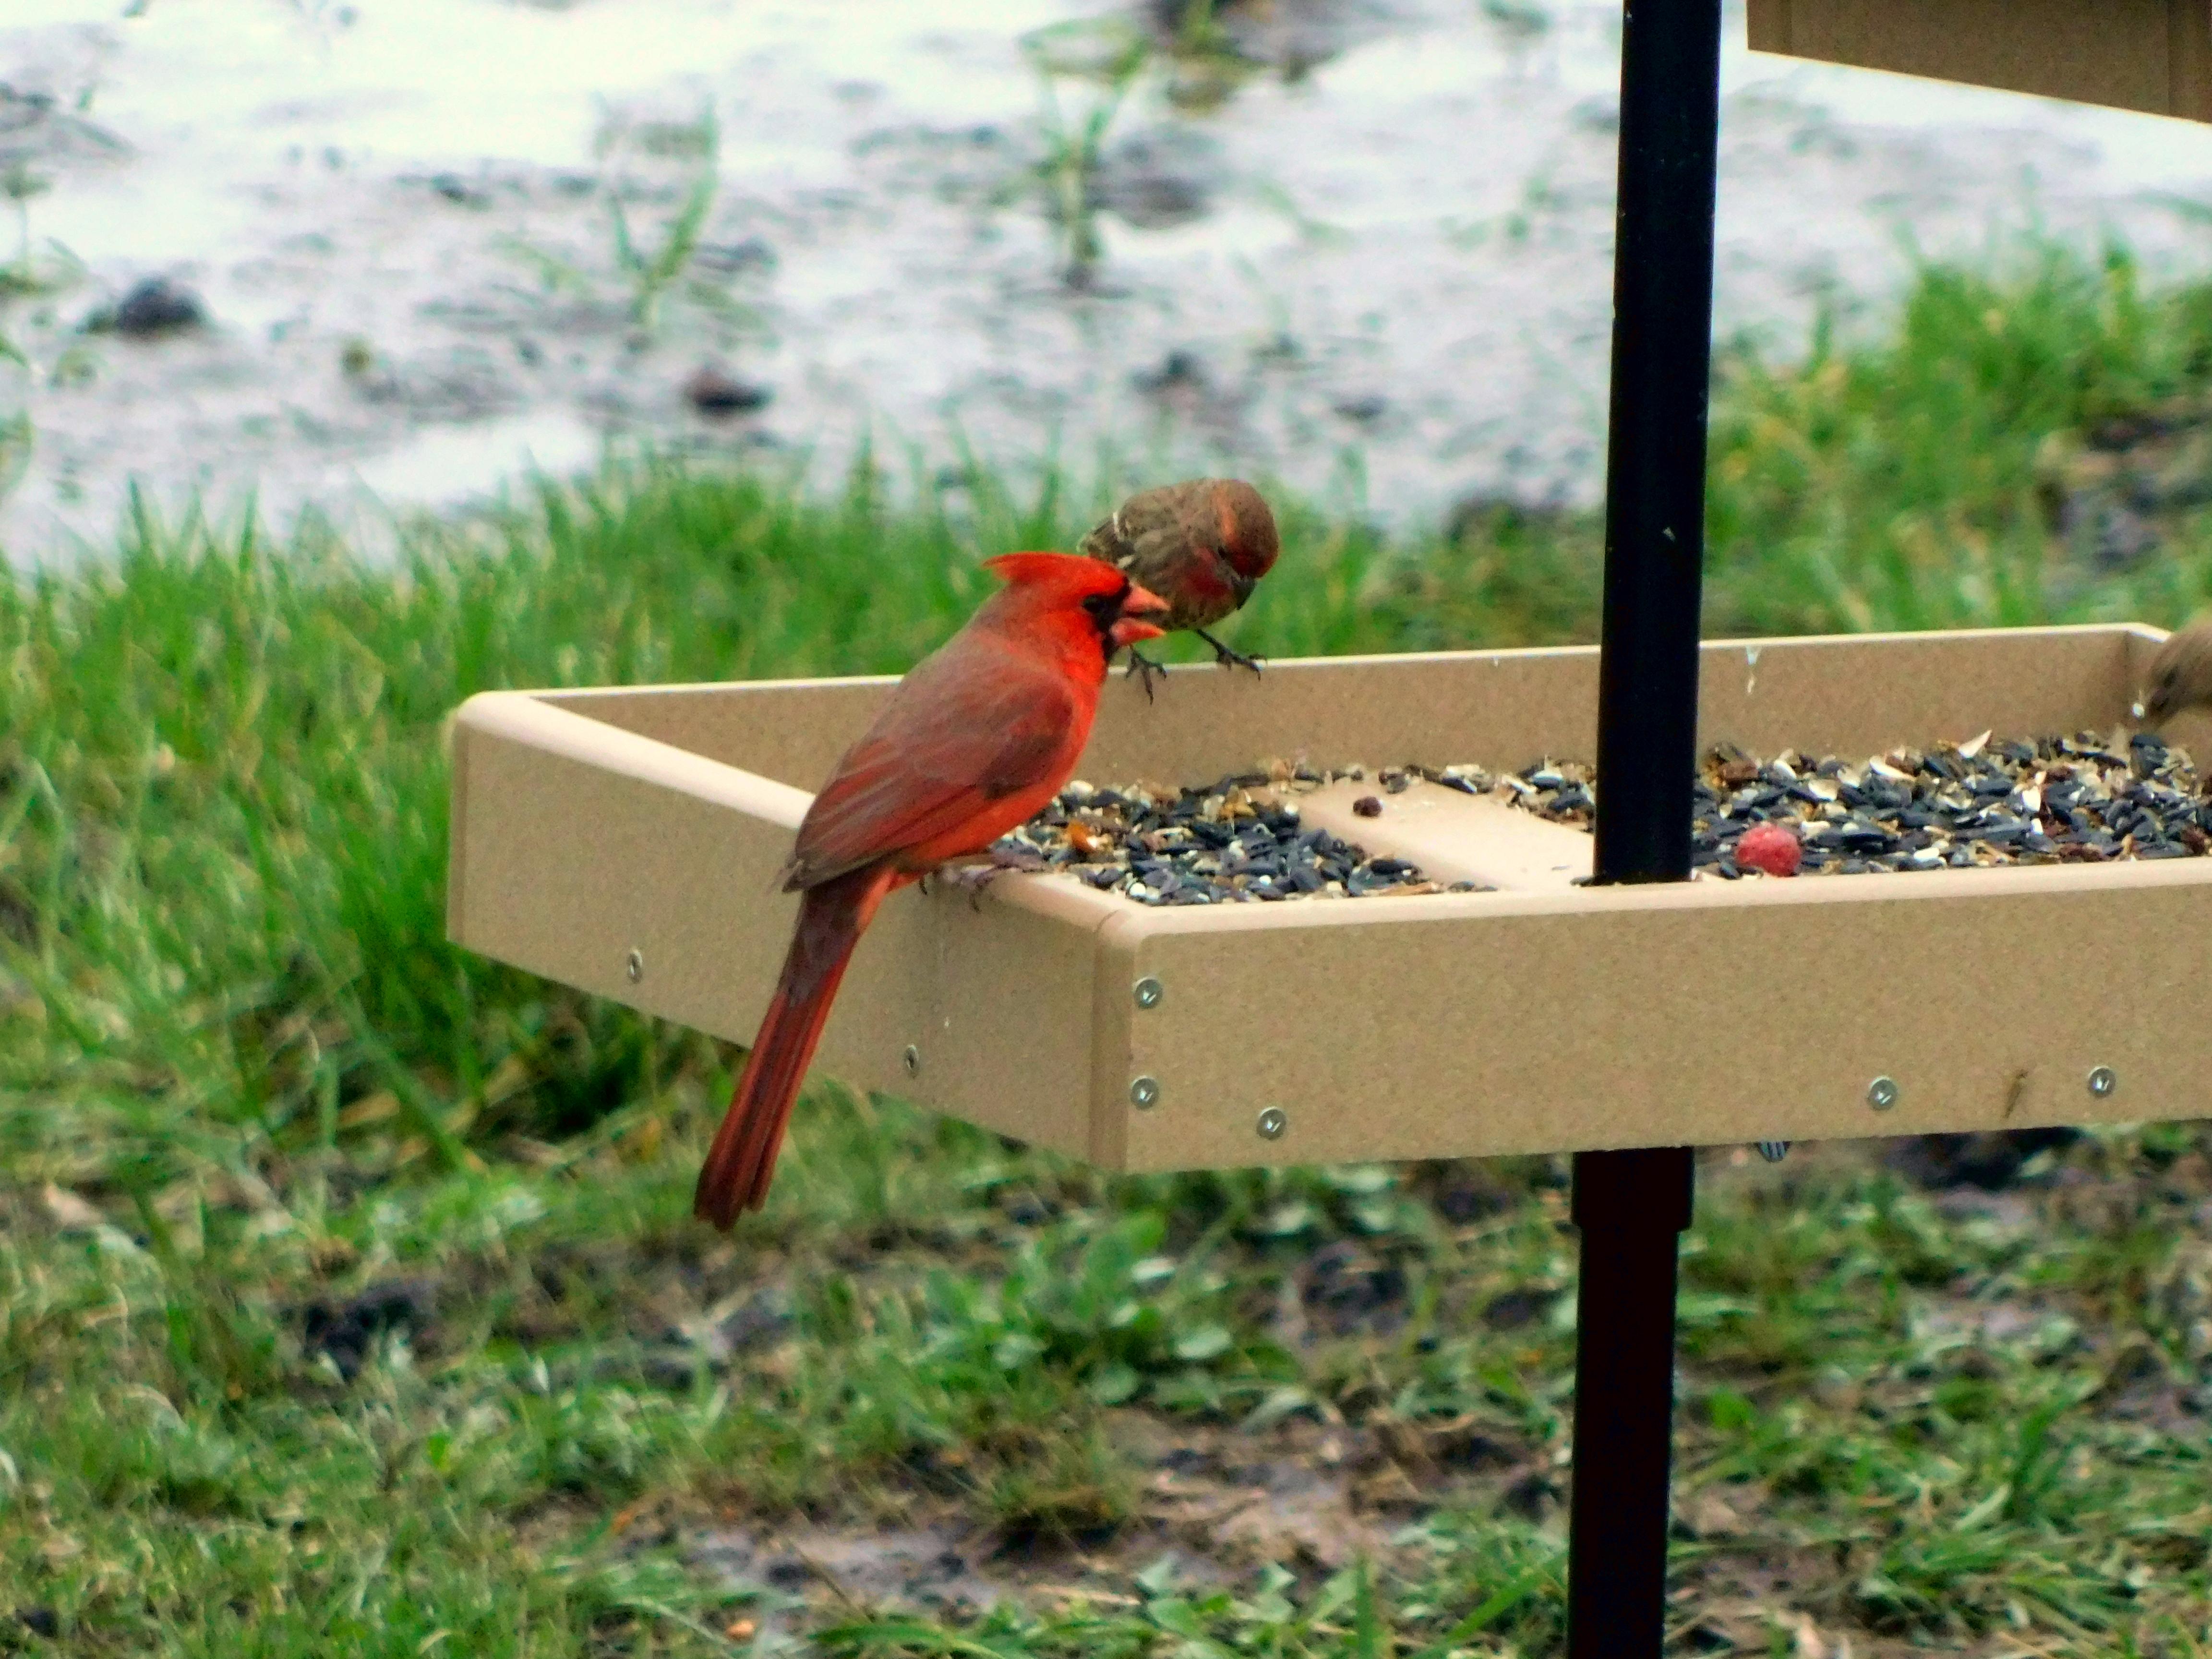 Northern Cardinal at feeder